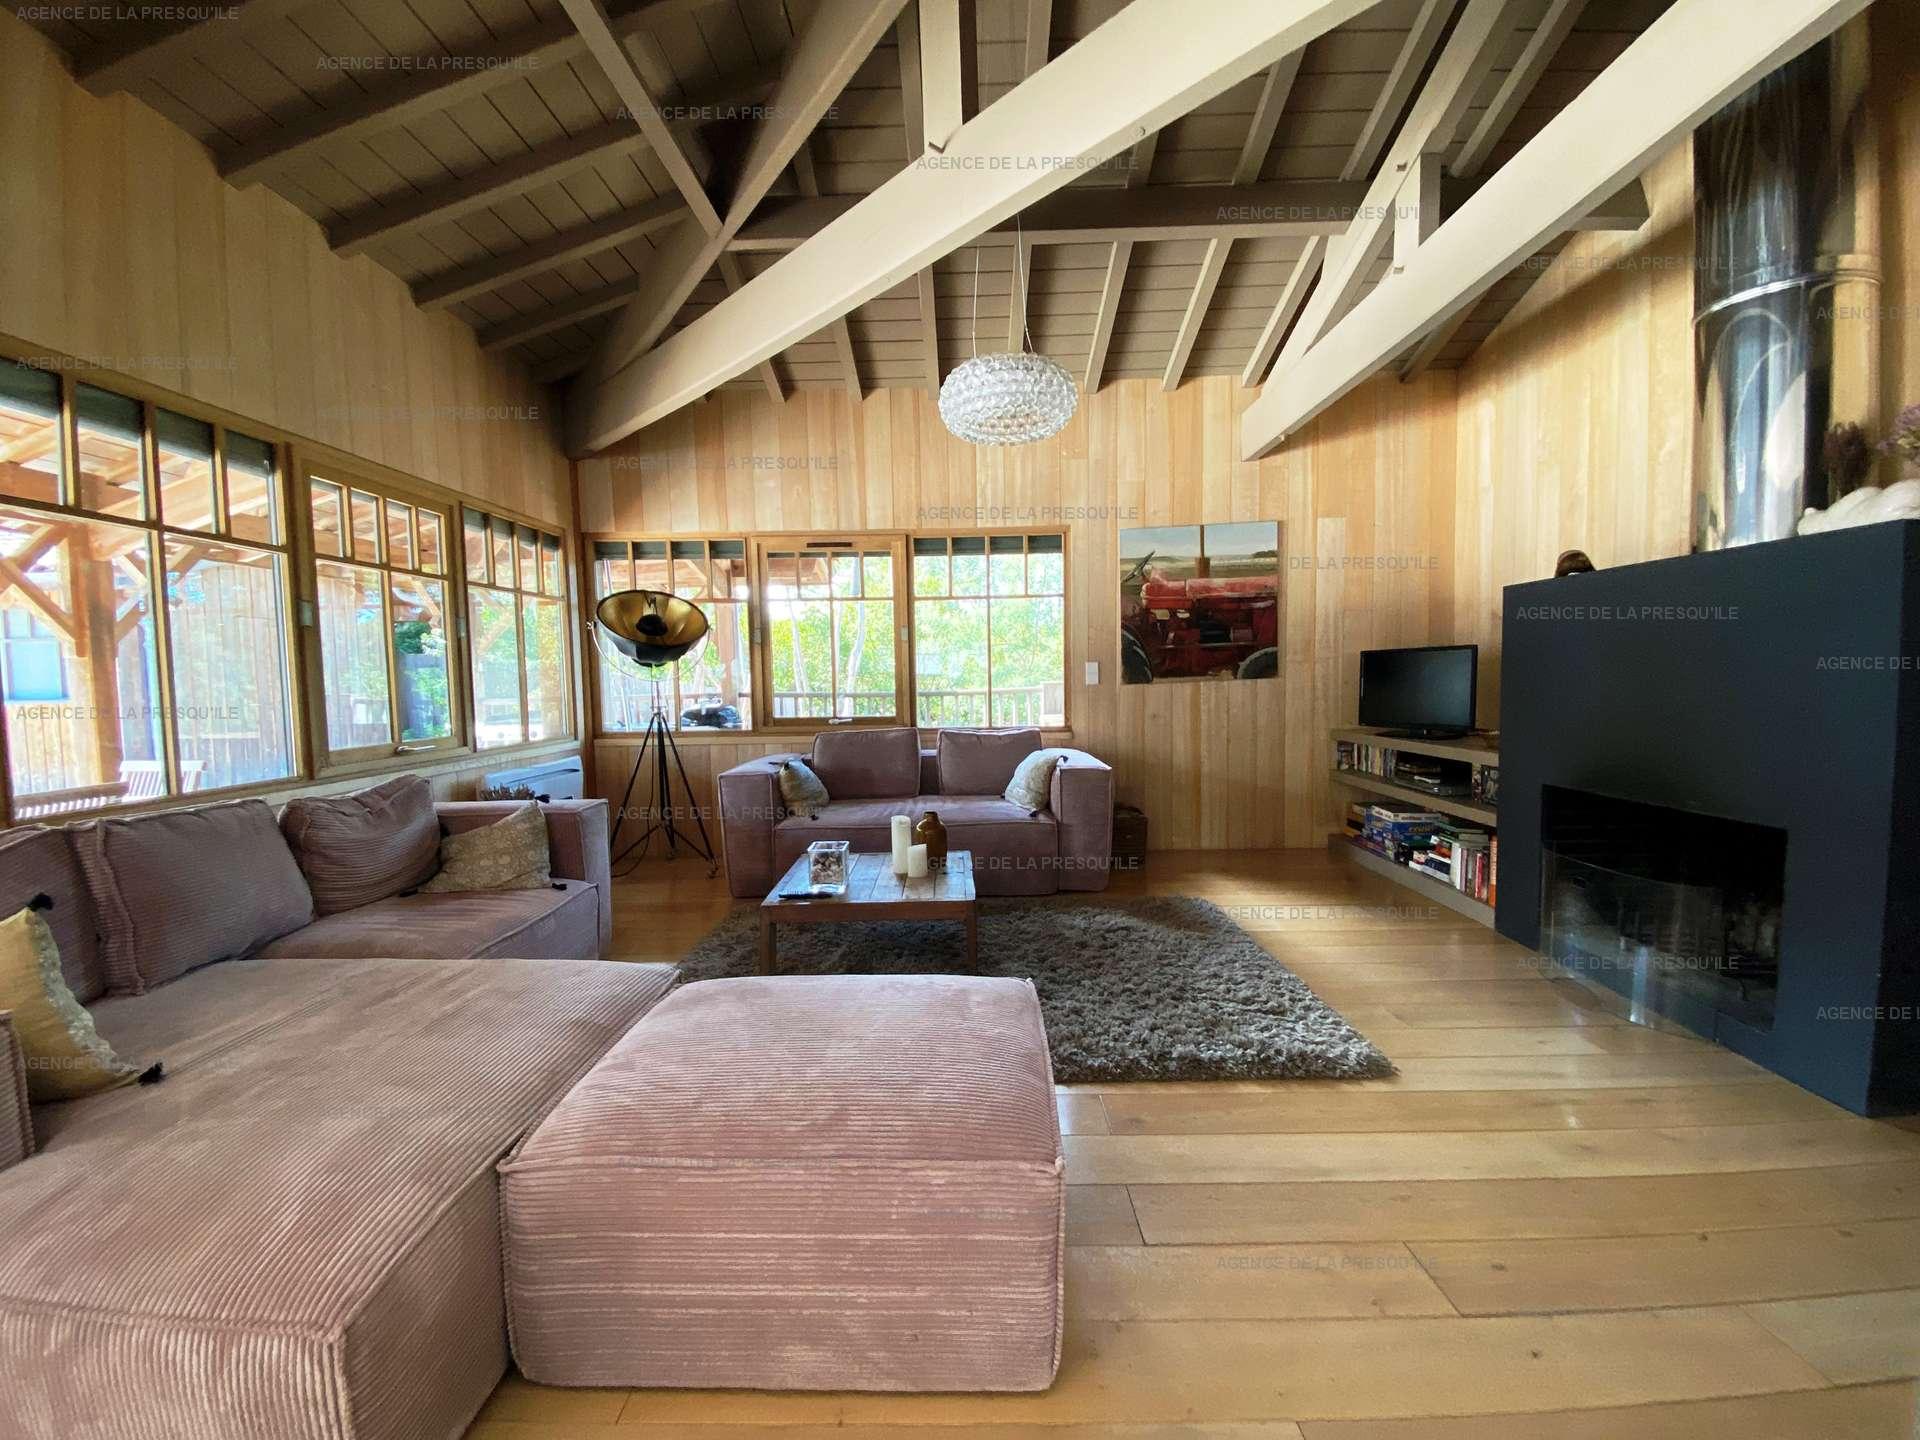 Location: Villa d'architecte avec piscine chauffée, entre bassin et océan 4